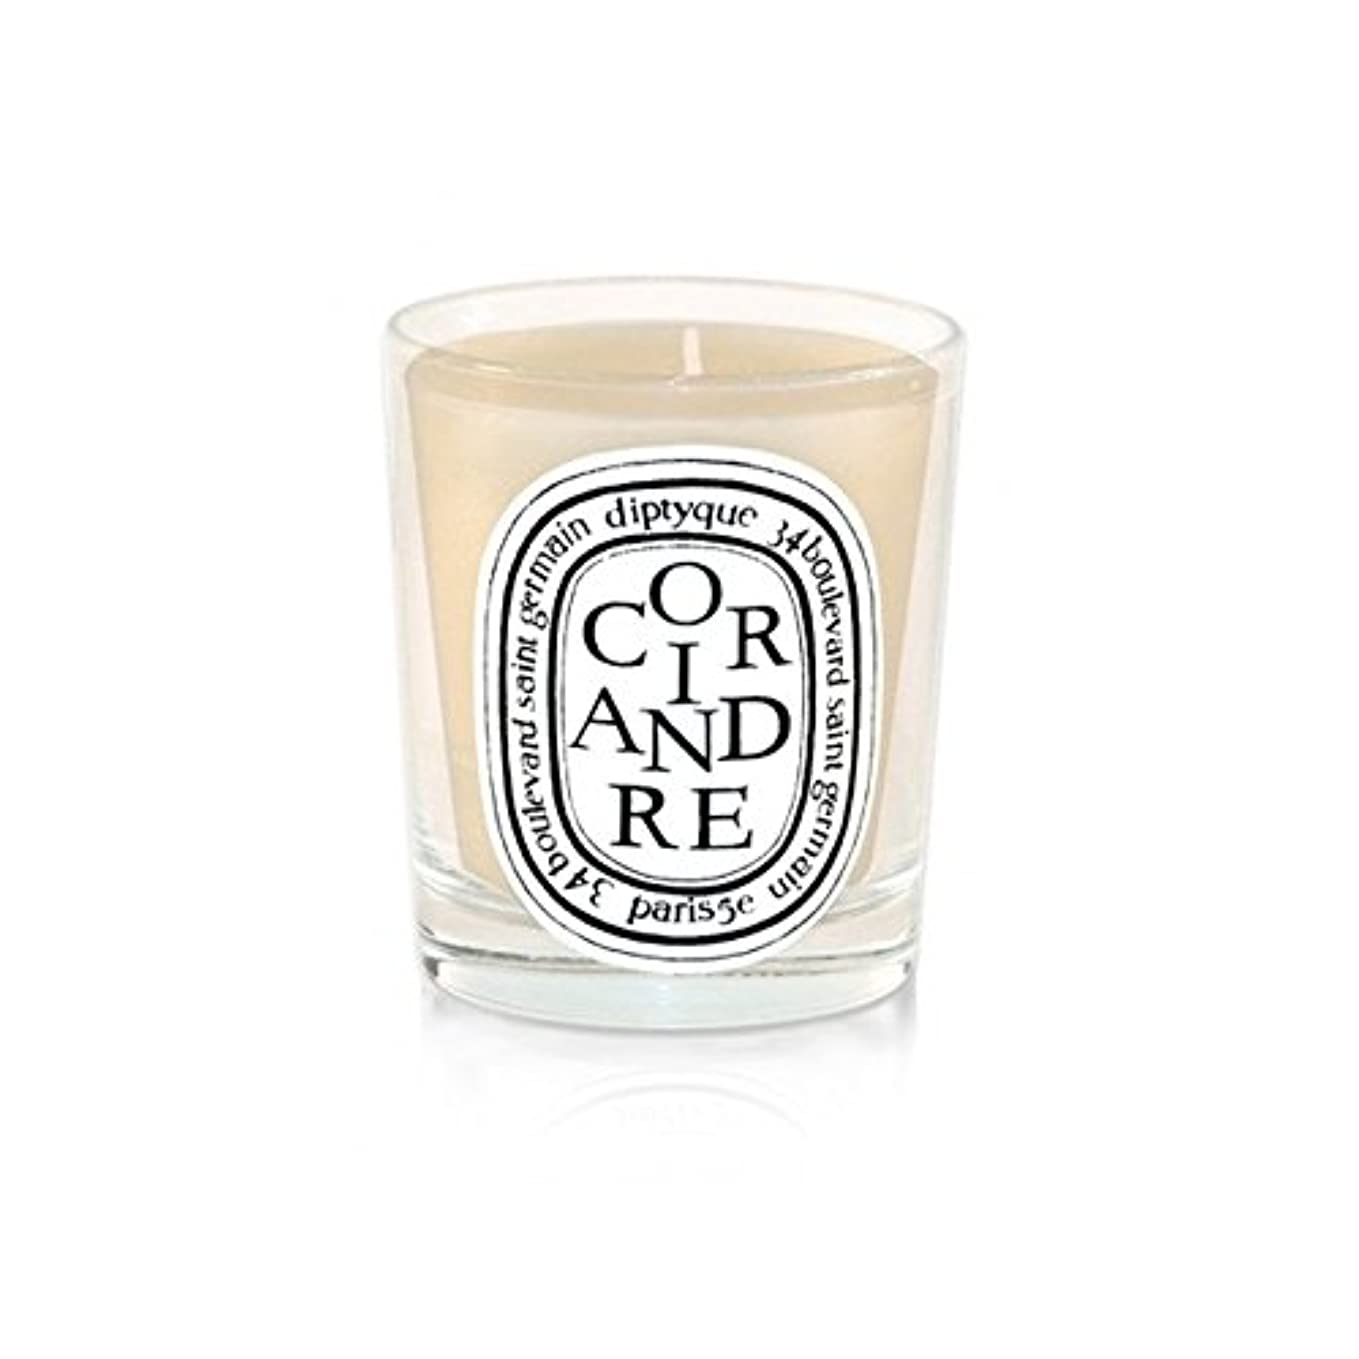 静かに泣き叫ぶ買い手DiptyqueキャンドルCoriandre /コリアンダー190グラム - Diptyque Candle Coriandre / Coriander 190g (Diptyque) [並行輸入品]